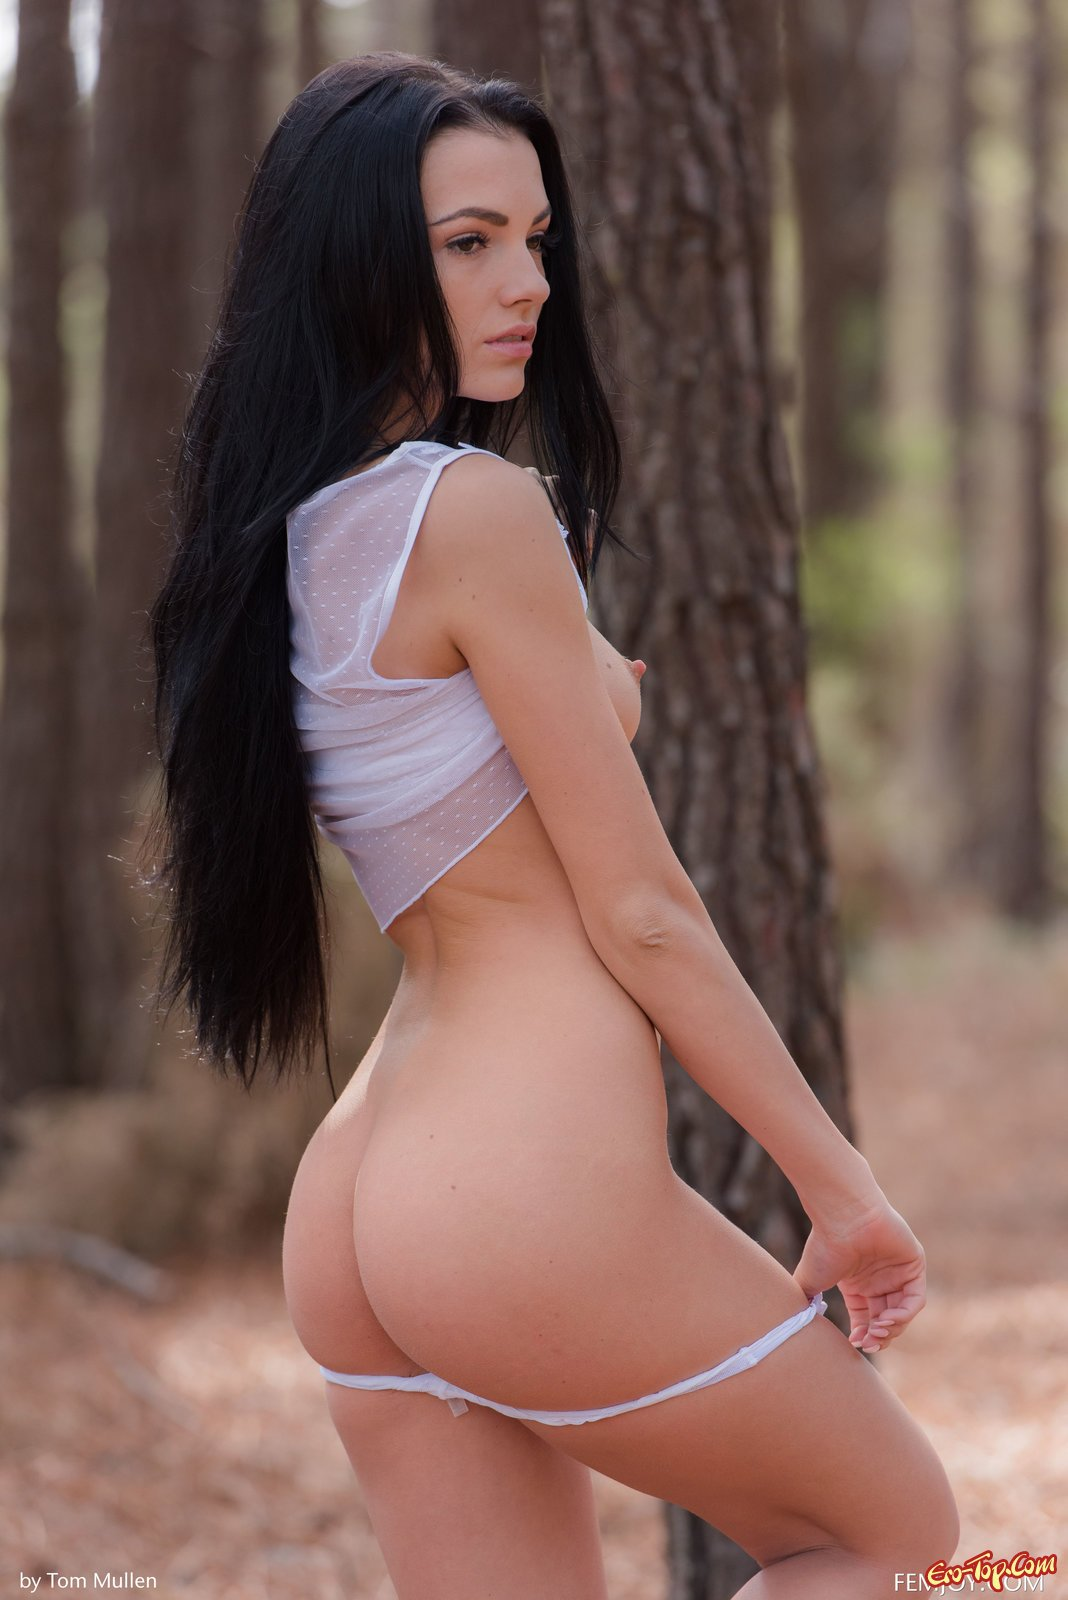 Привлекательная голая русая порноактрисса в саду